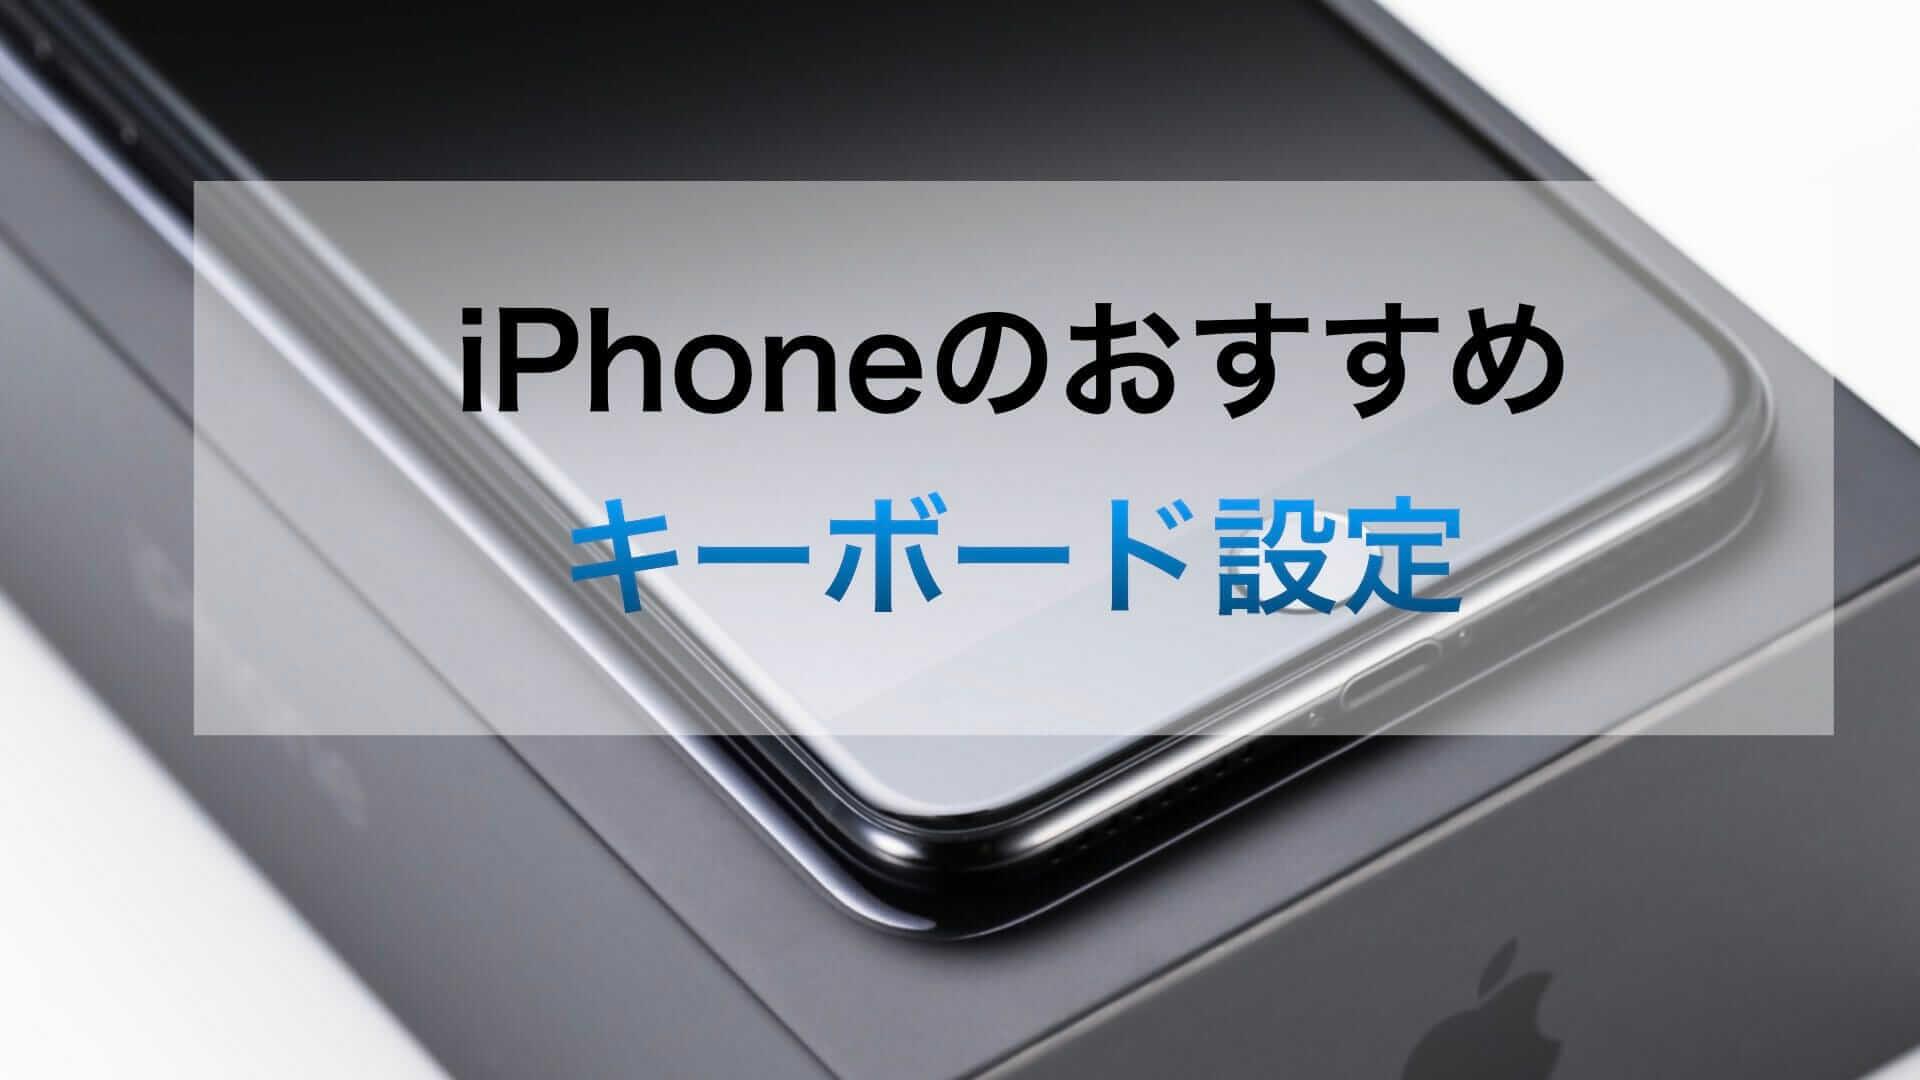 iPhoneのキーボード設定はこれで決まり:キーボード設定で今すぐ入力の最適化しよう